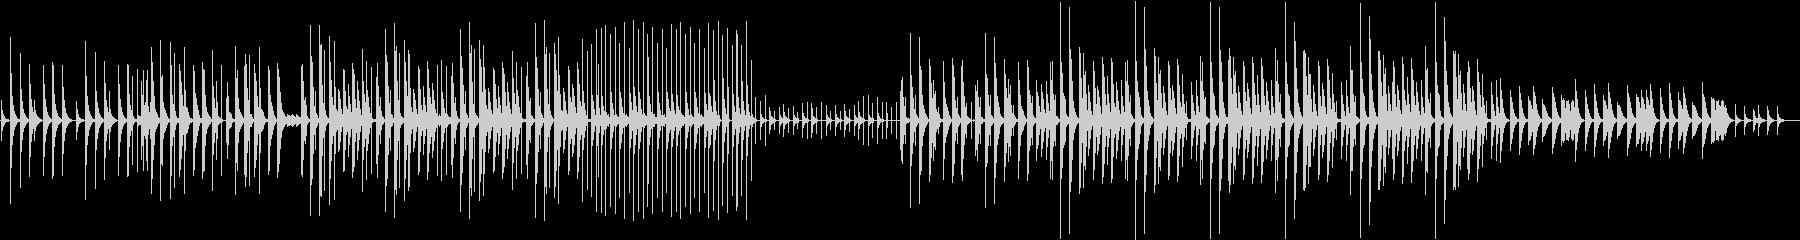 ステレオL Rで楽しめるリズムの未再生の波形